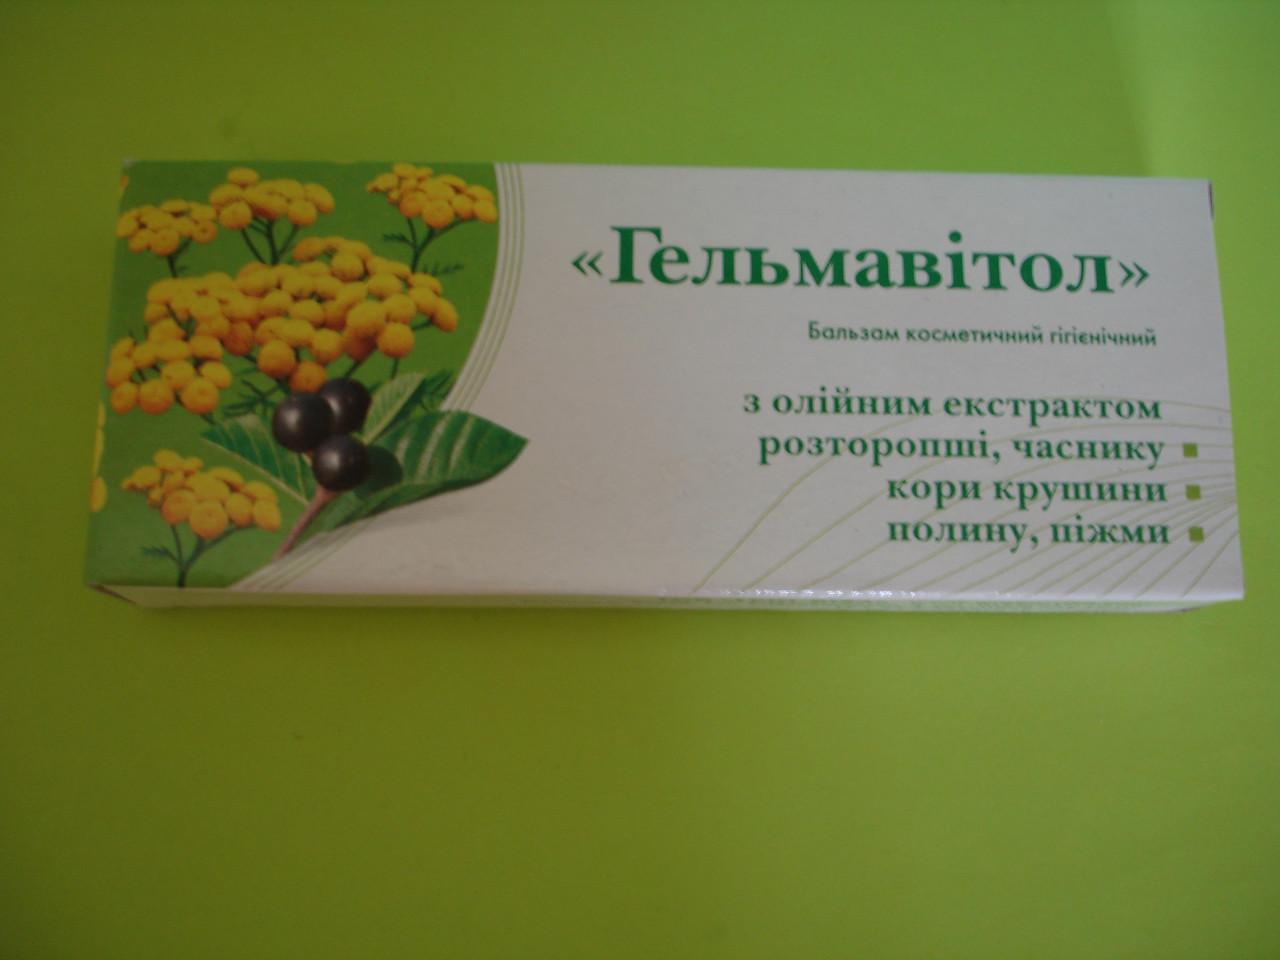 антипаразитарный гельмостоп